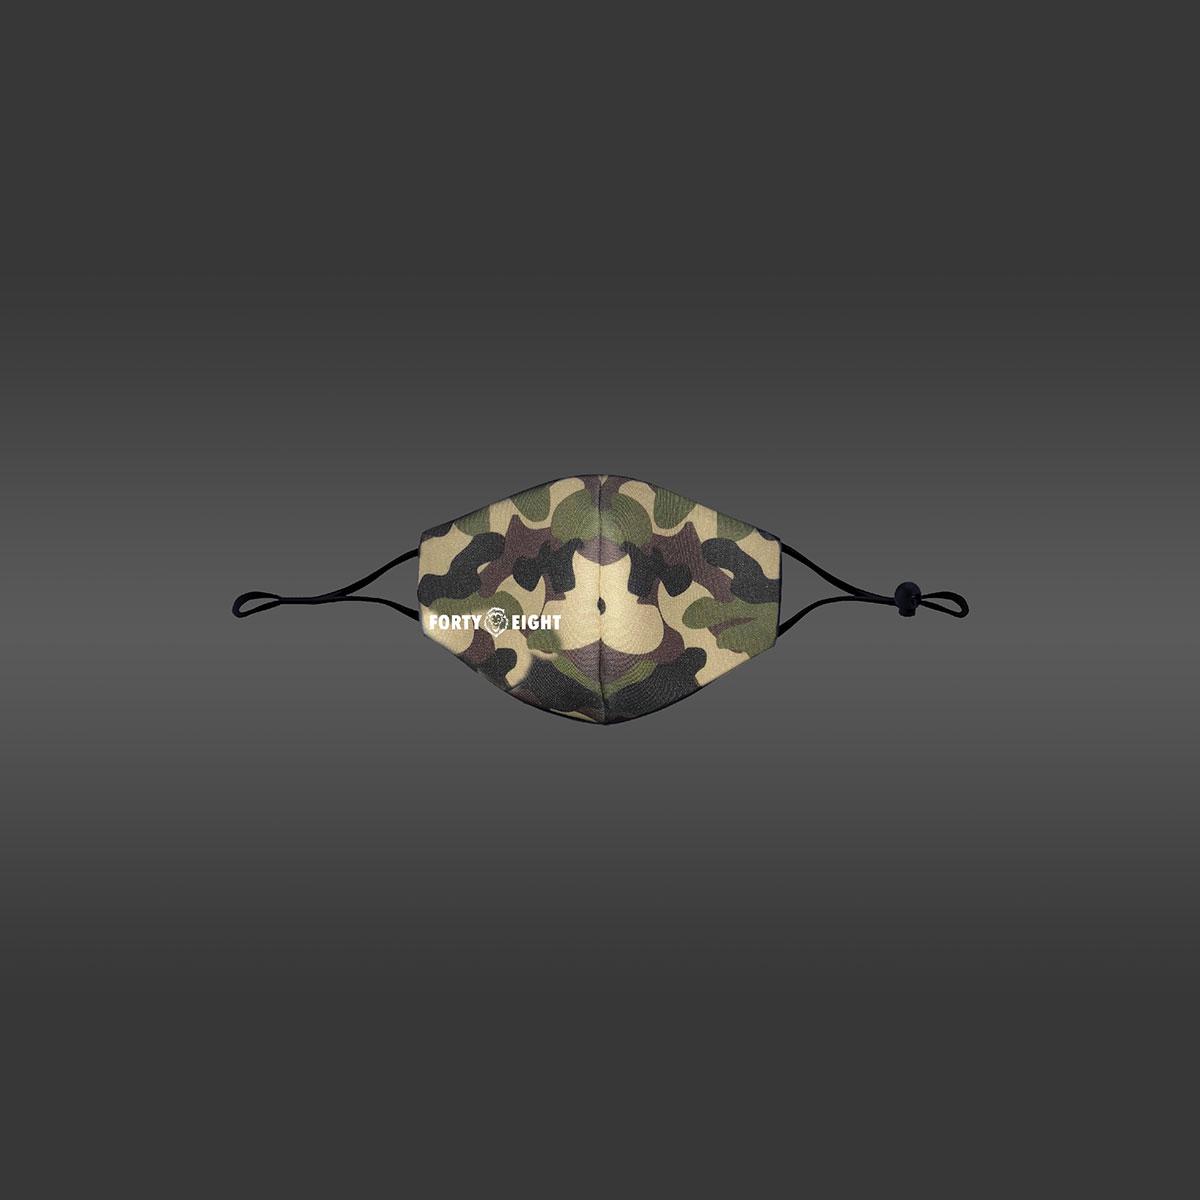 Camouflage Mask - Camouflage